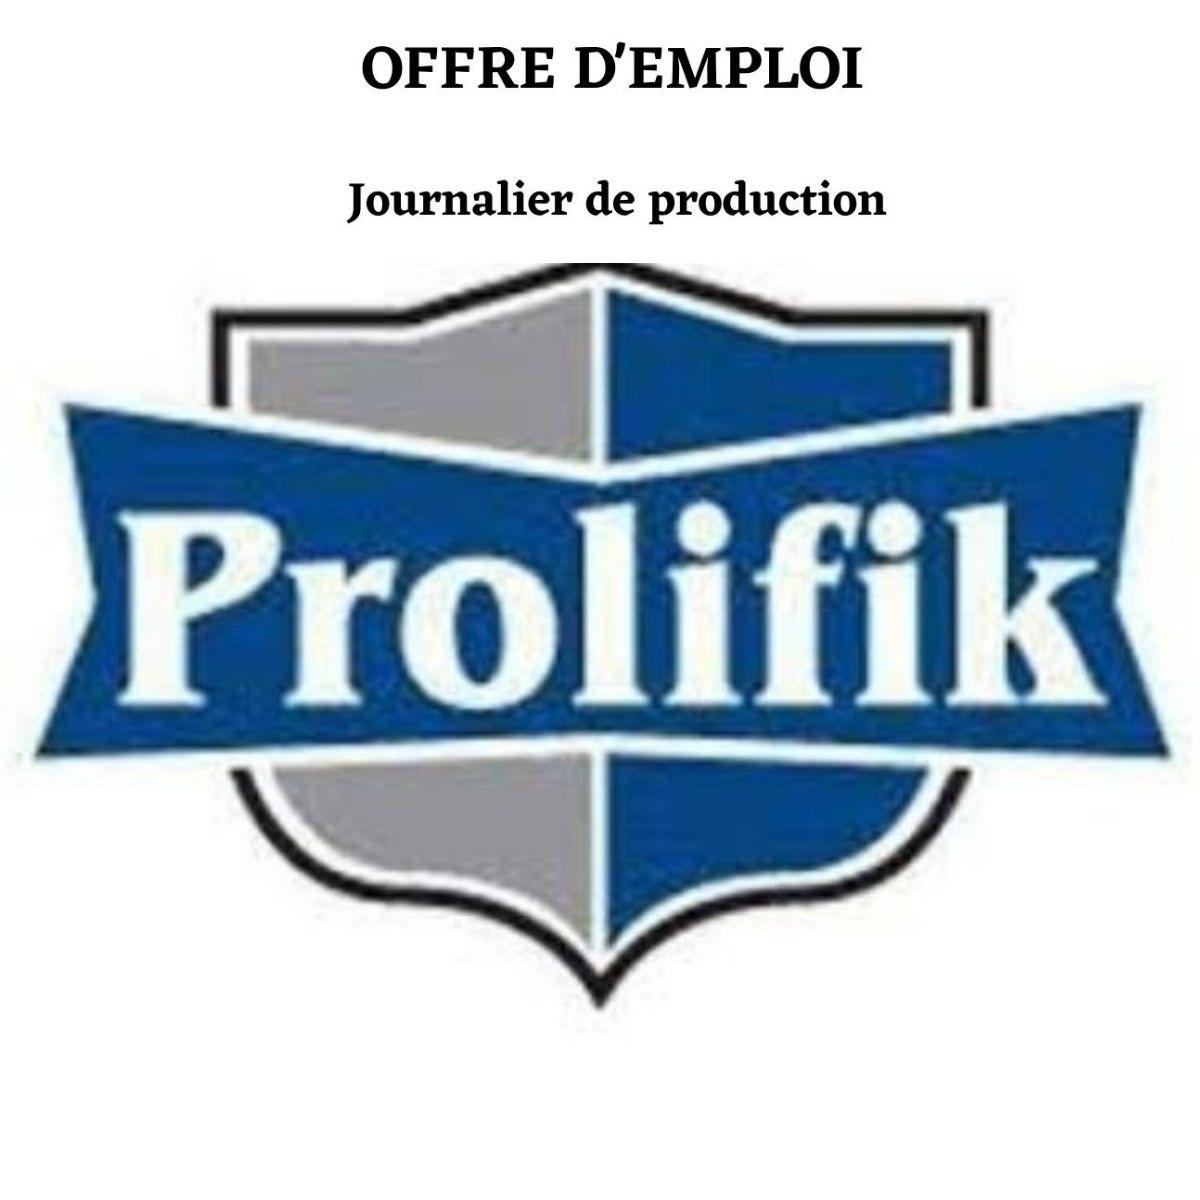 Journalier de production – Prolifik